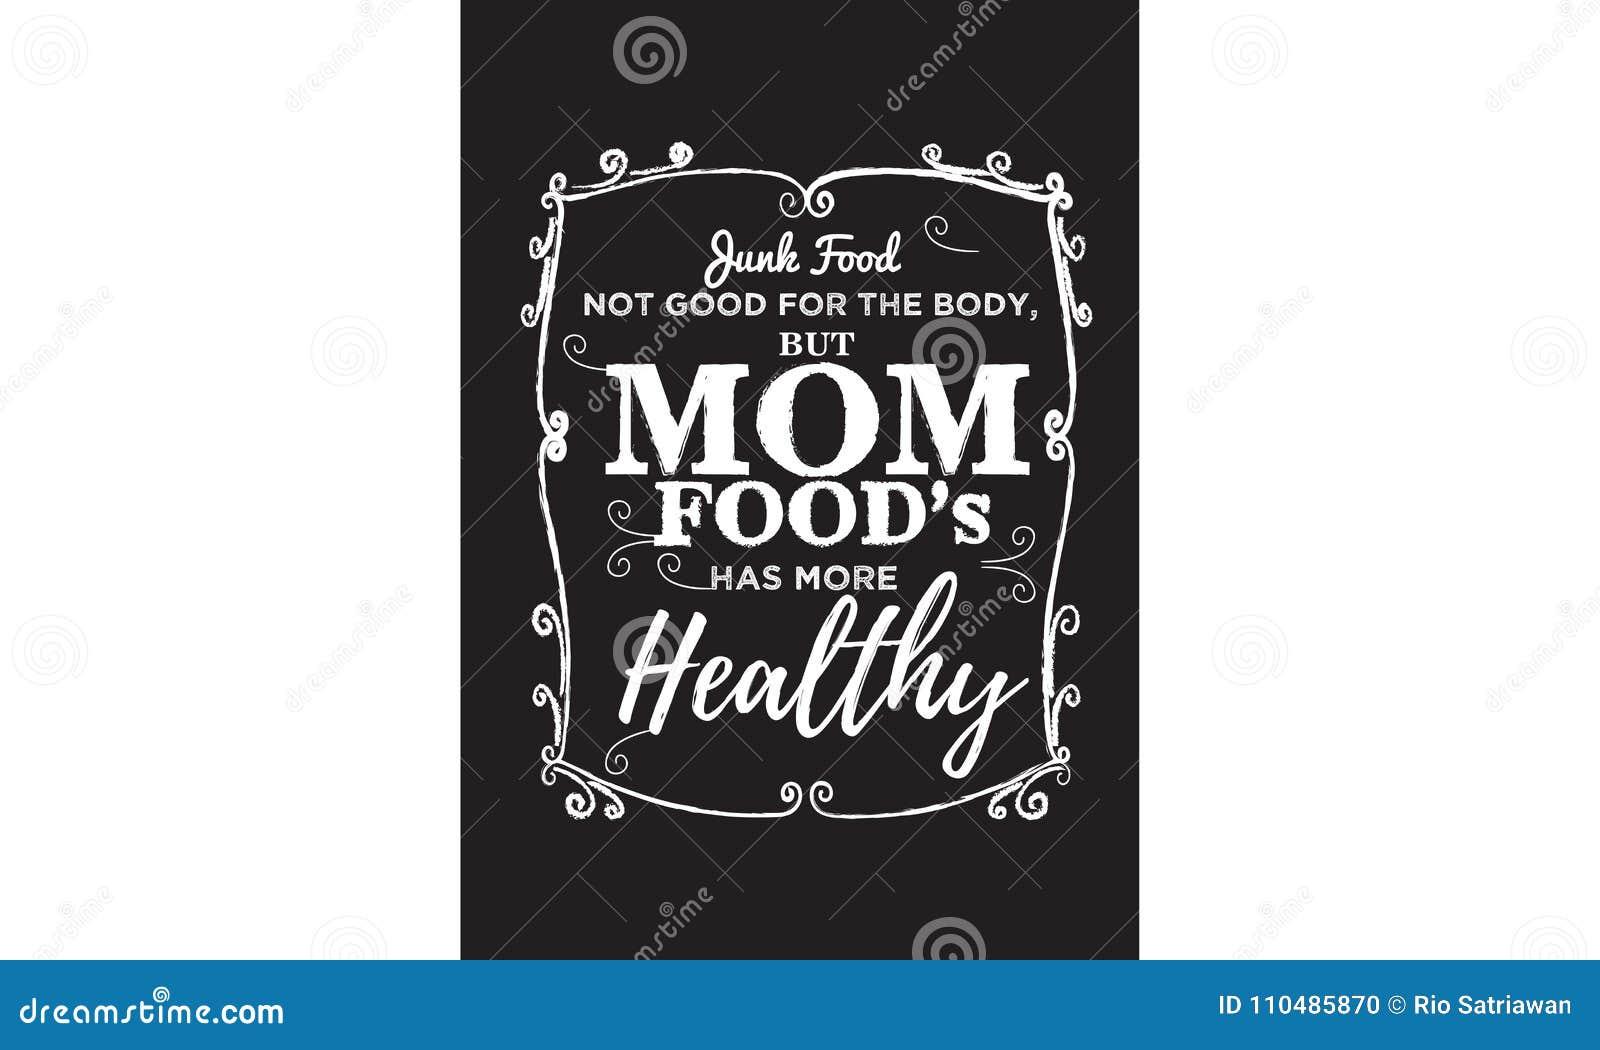 Gli alimenti industriali non buoni per il corpo, ma gli alimenti della mamma hanno più sano